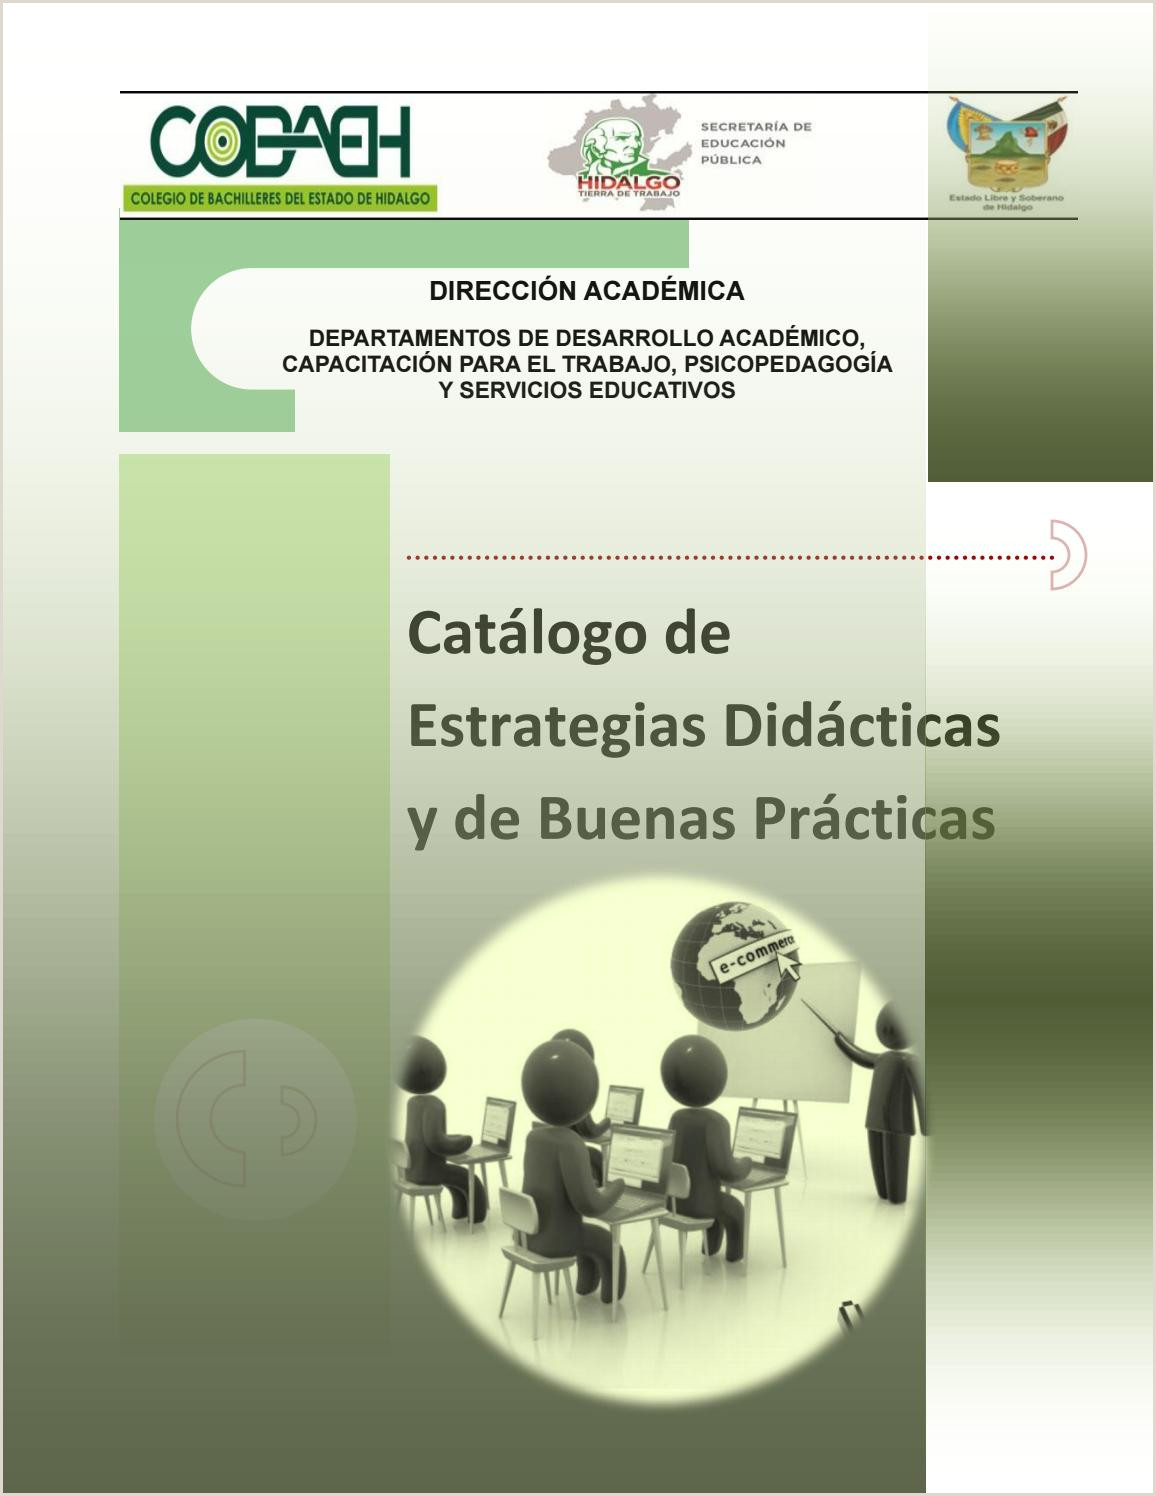 Catálogo de estrategias didácticas y de buenas prácticas by